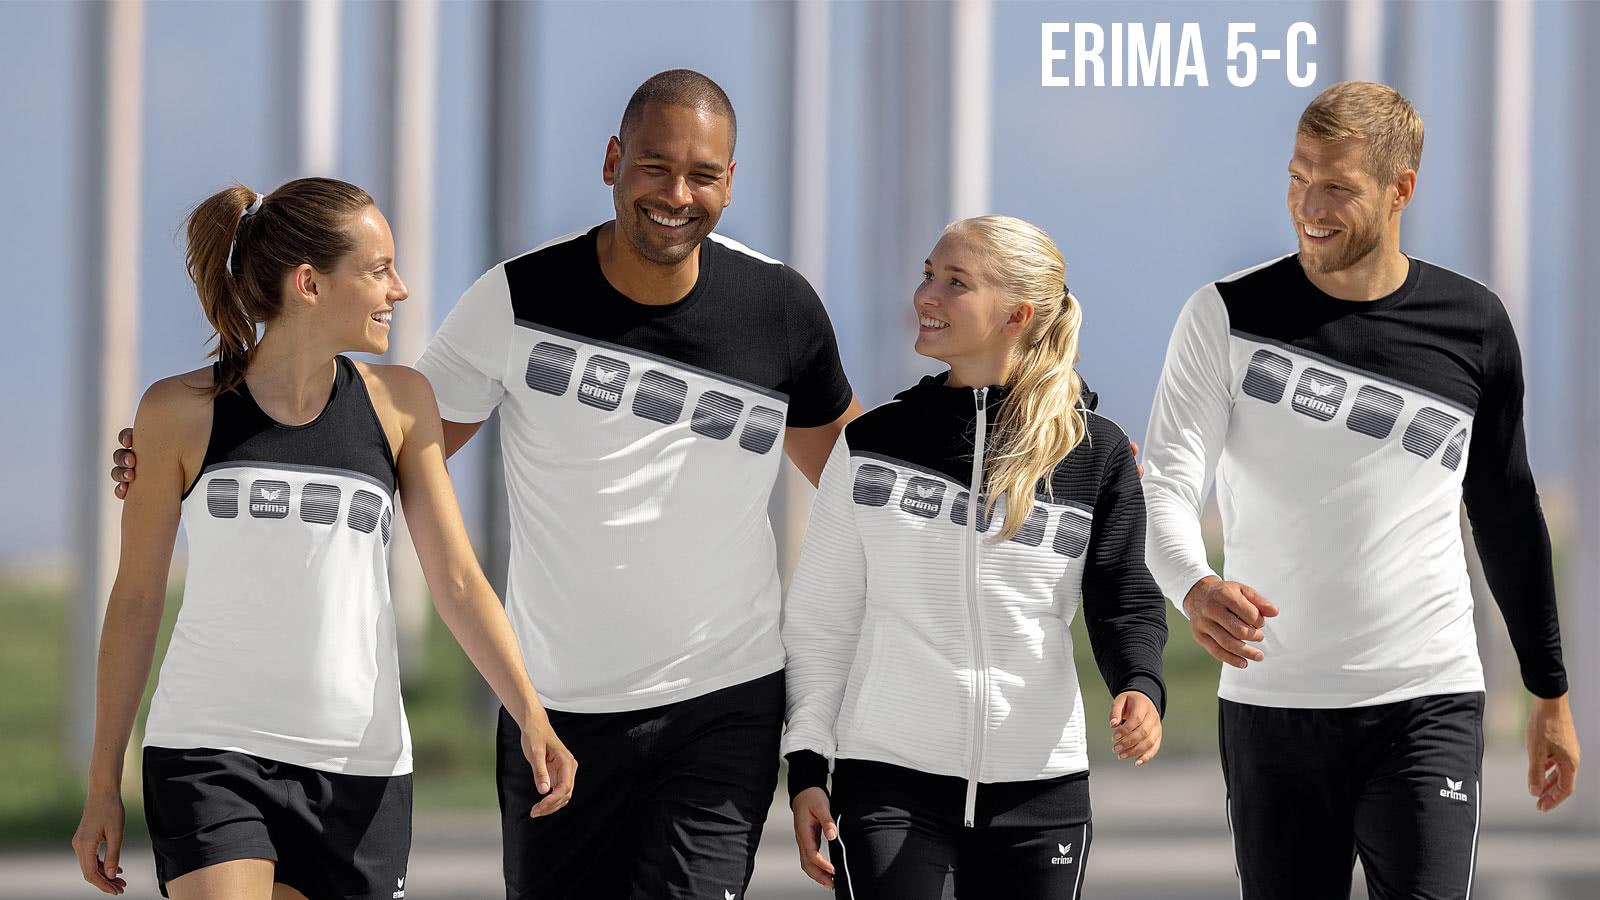 Erima Teamline 5 C Cubes Sportartikel und Sportbekleidung